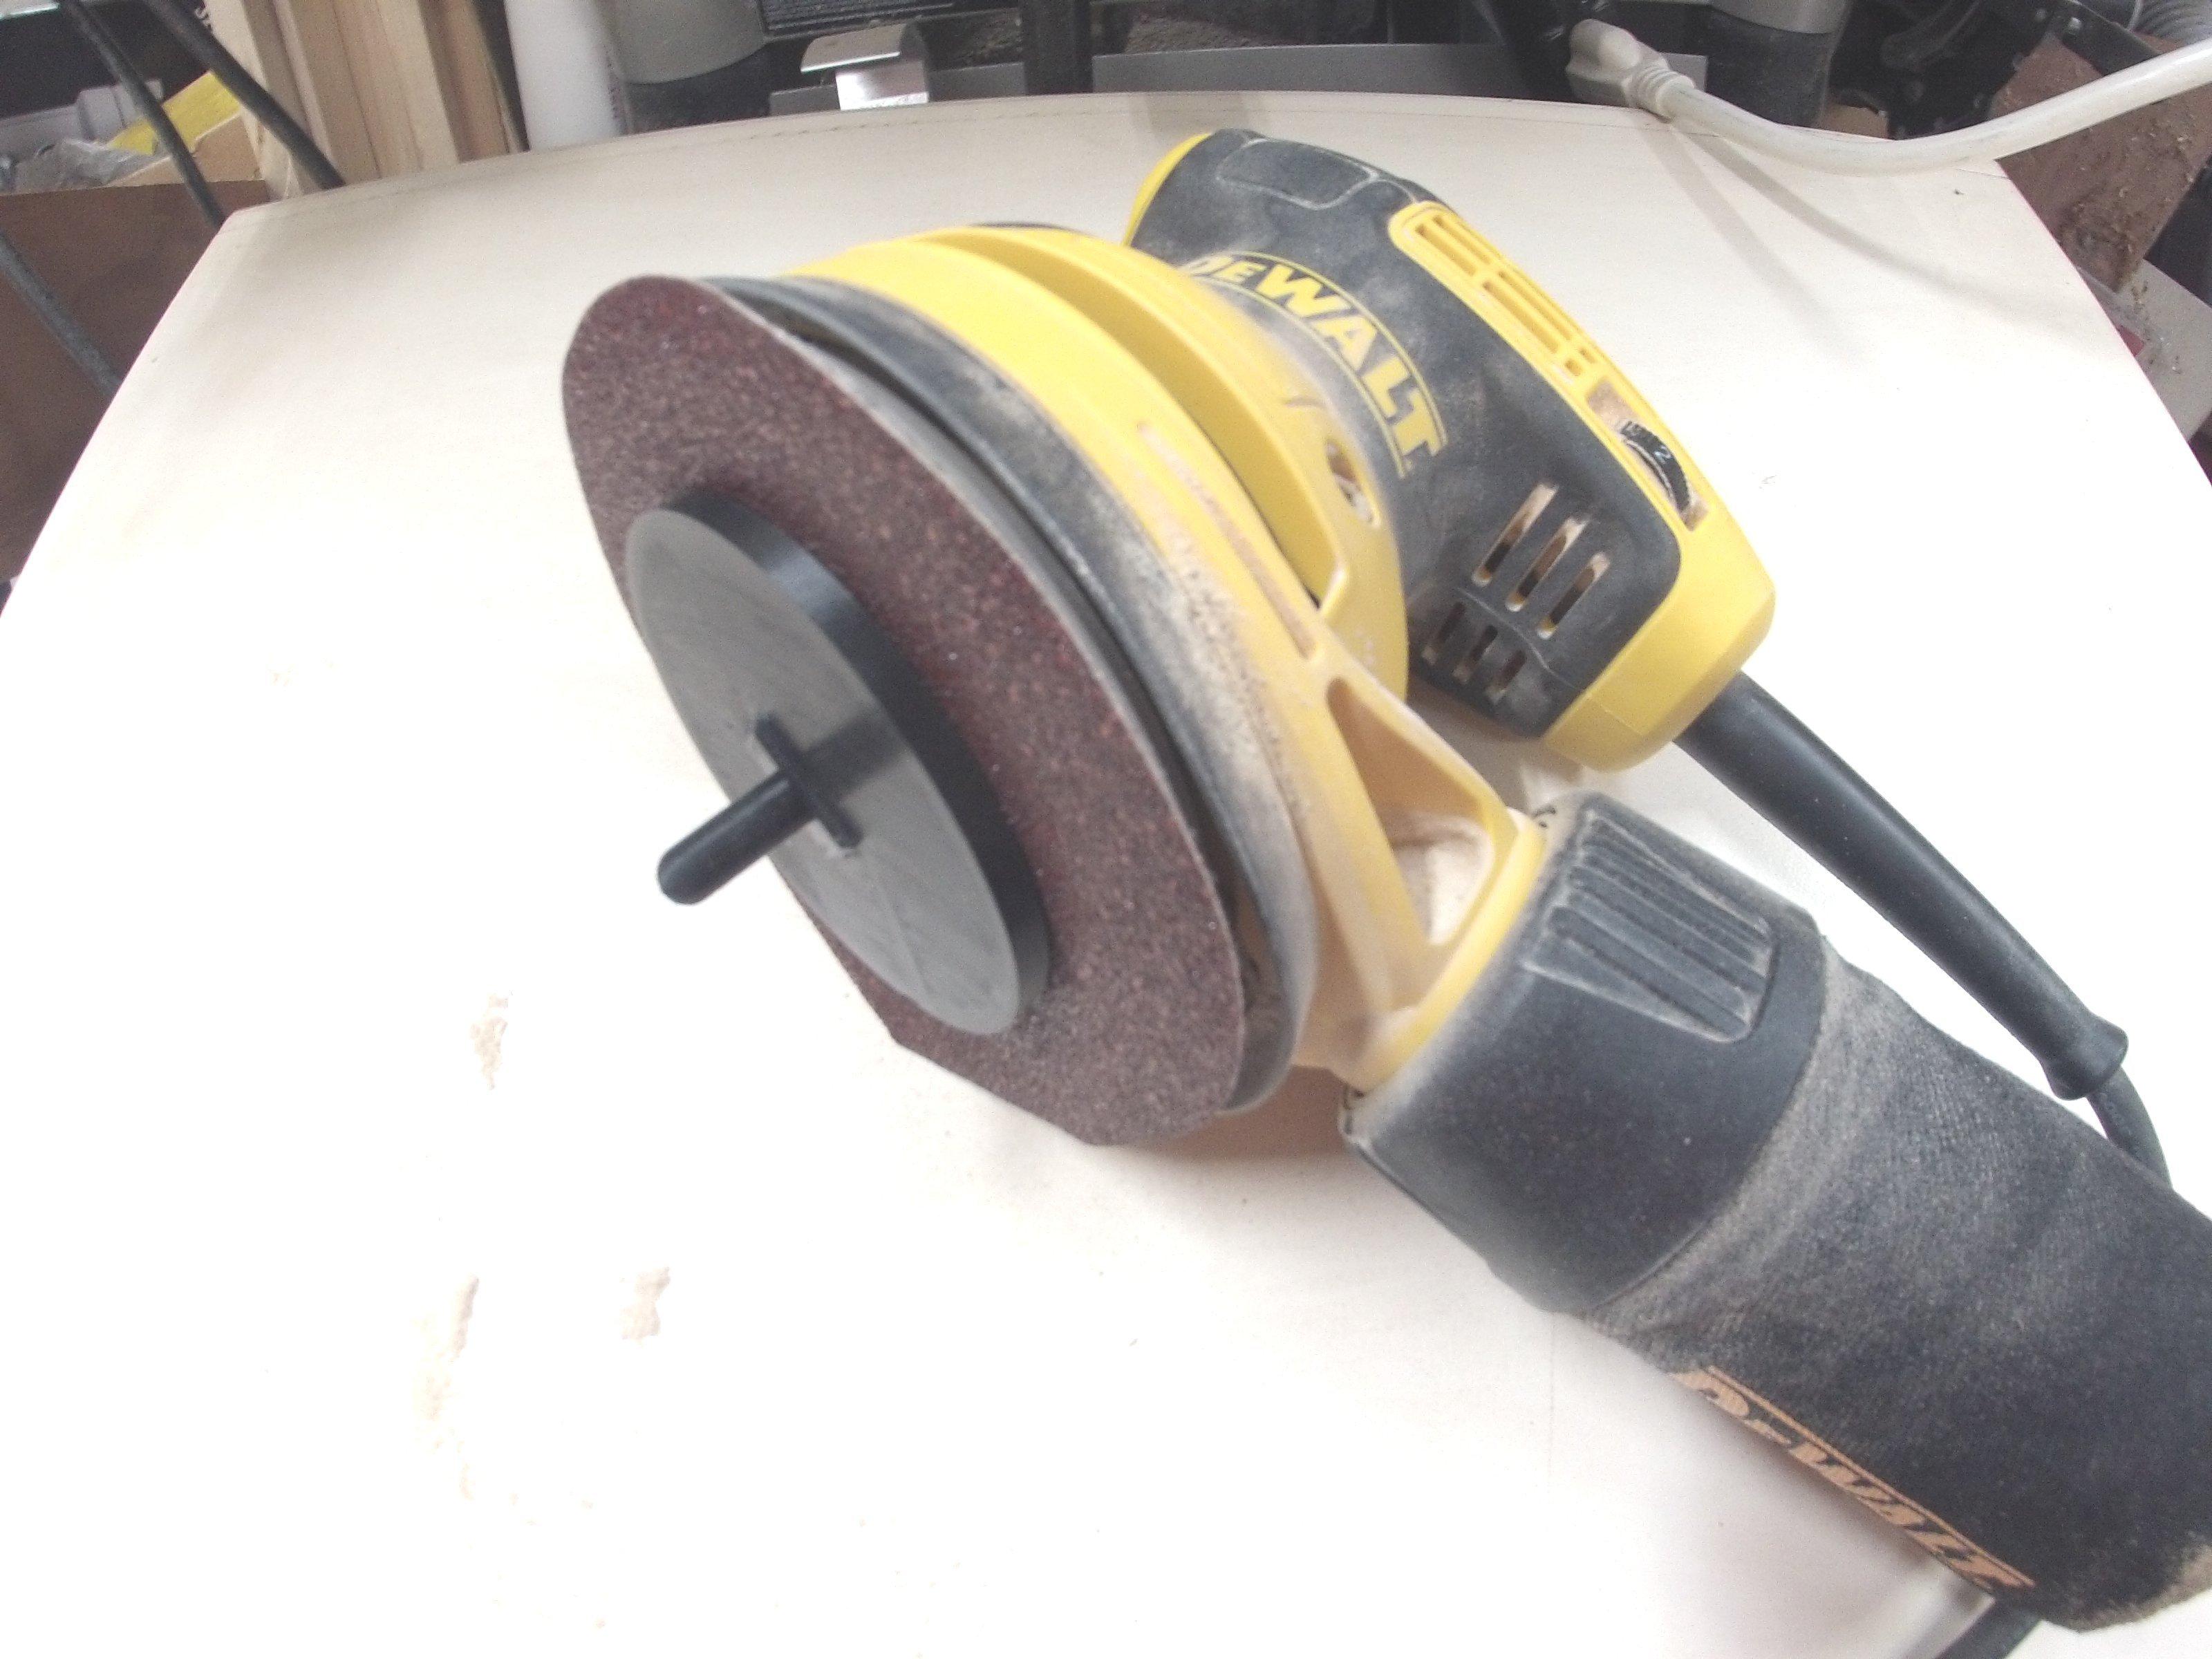 Dewalt sander disk applicator tool